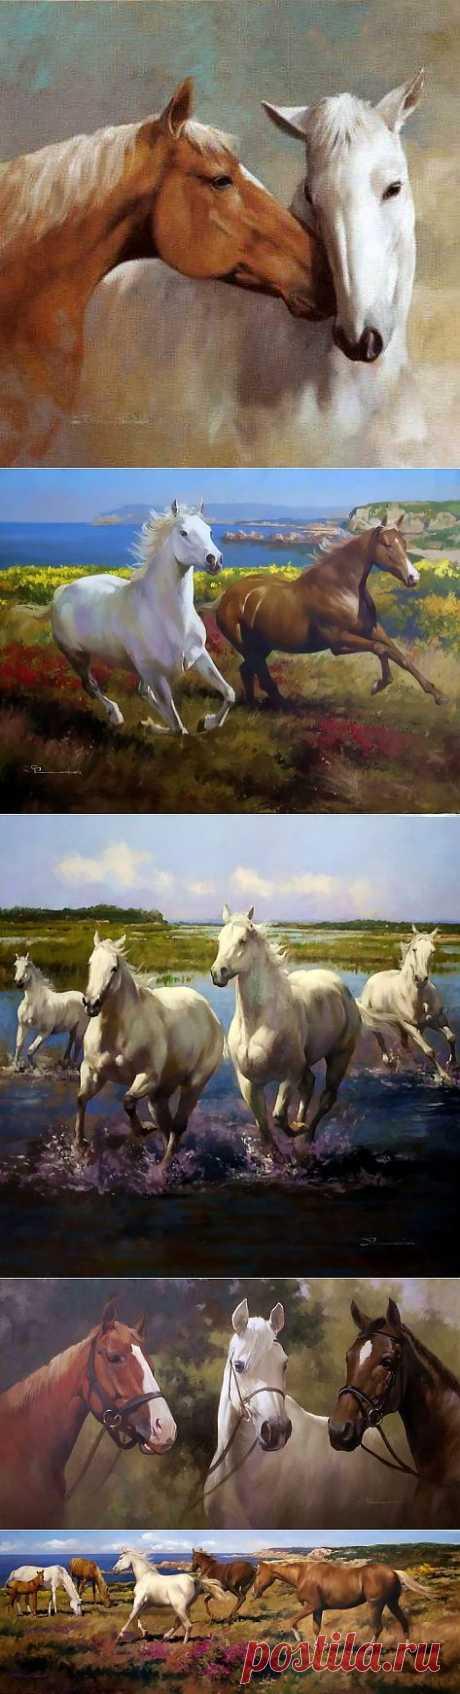 Лошади в картинах Spartaco Lombardo.